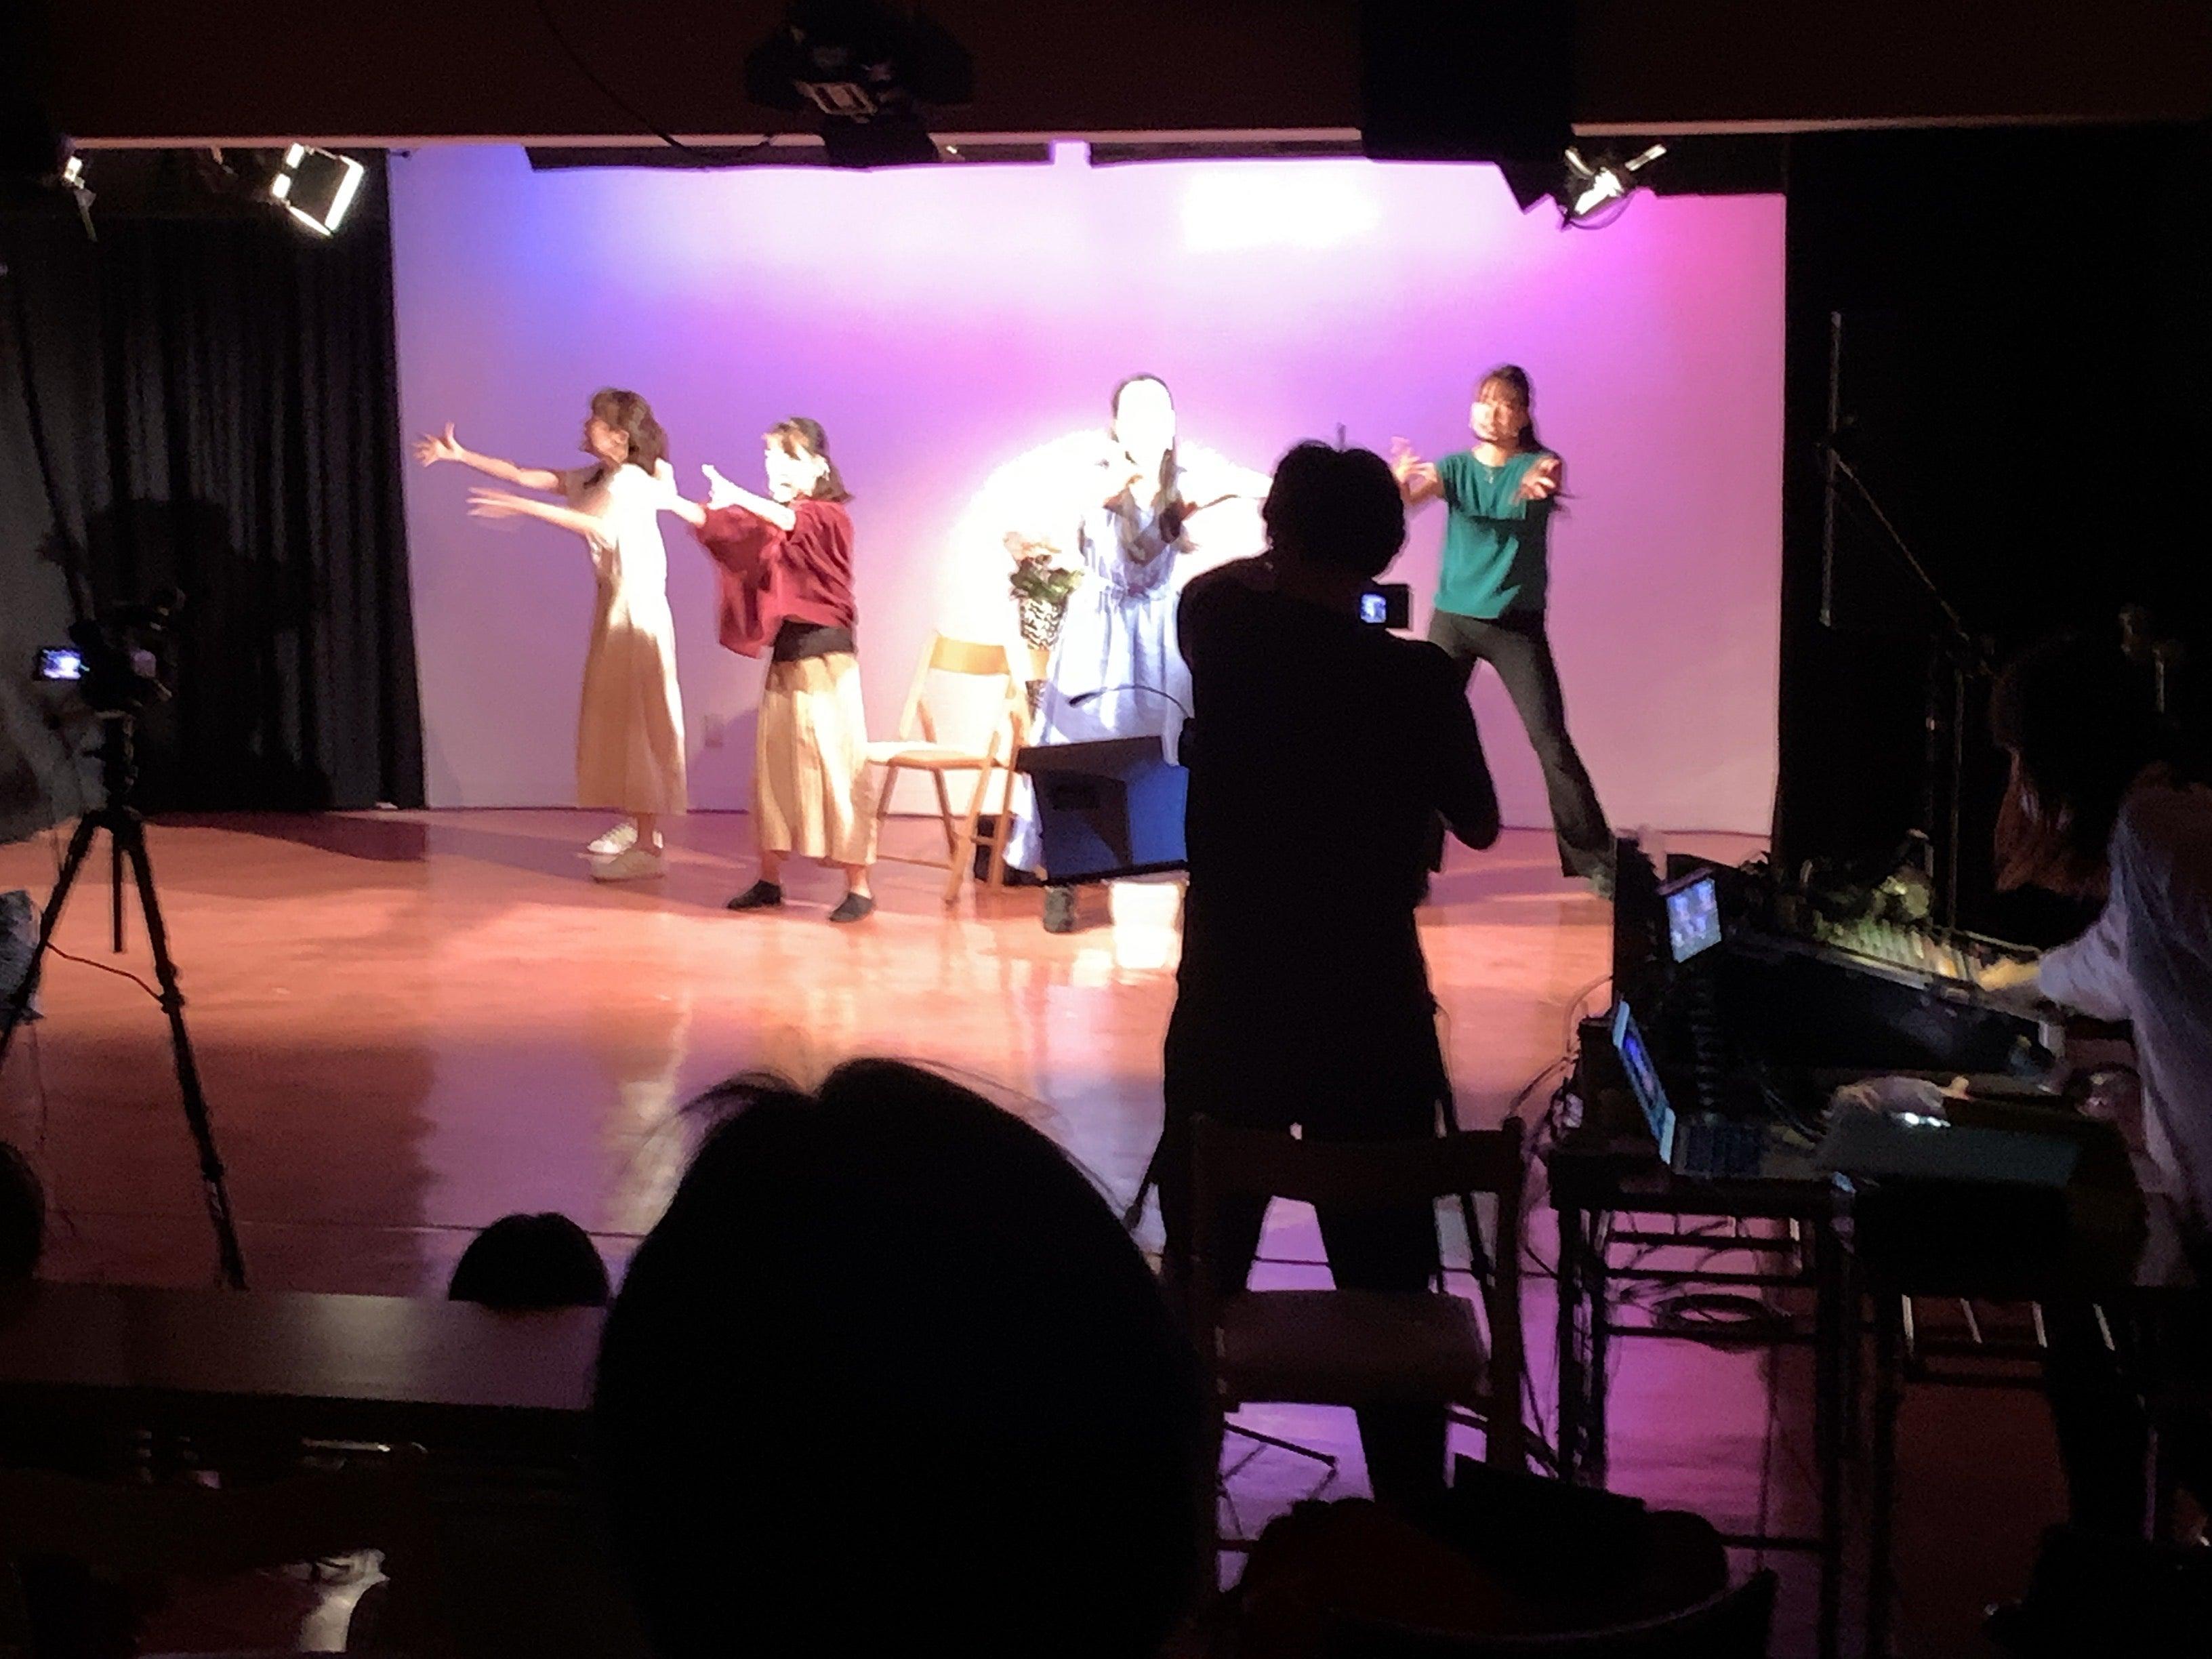 ミュージカル&ステージスタッフ科がスタッフを担当するショートミュージカル今夜20時配信!